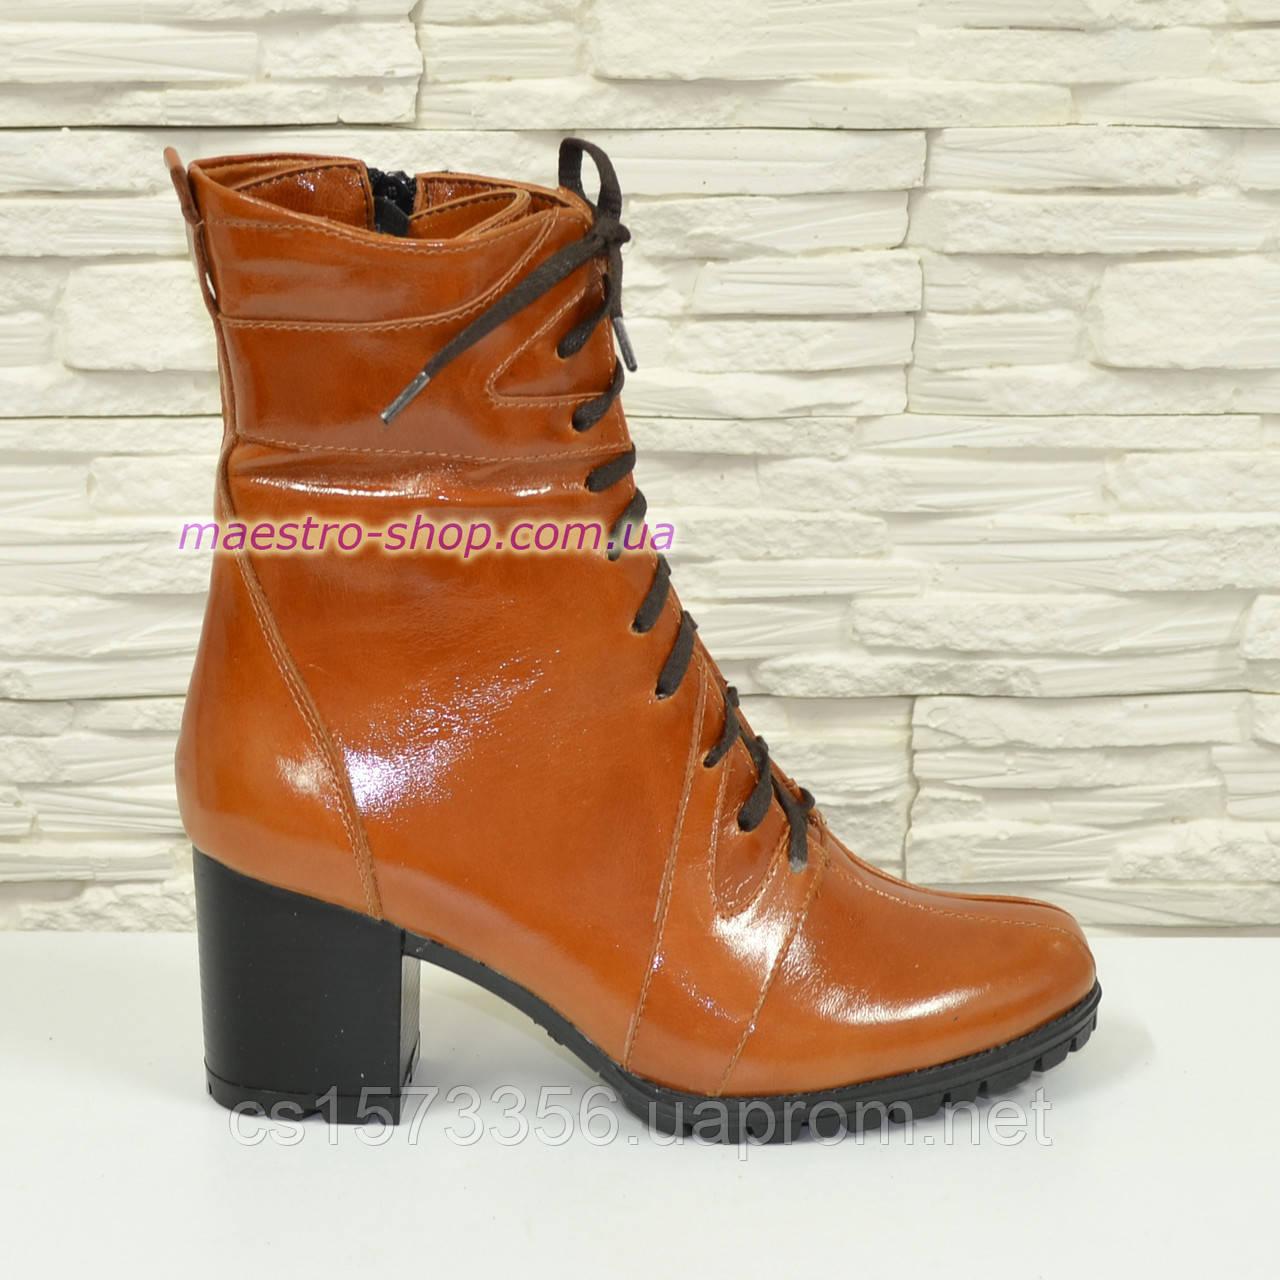 Ботинки зимние кожаные рыжие на устойчивом каблуке